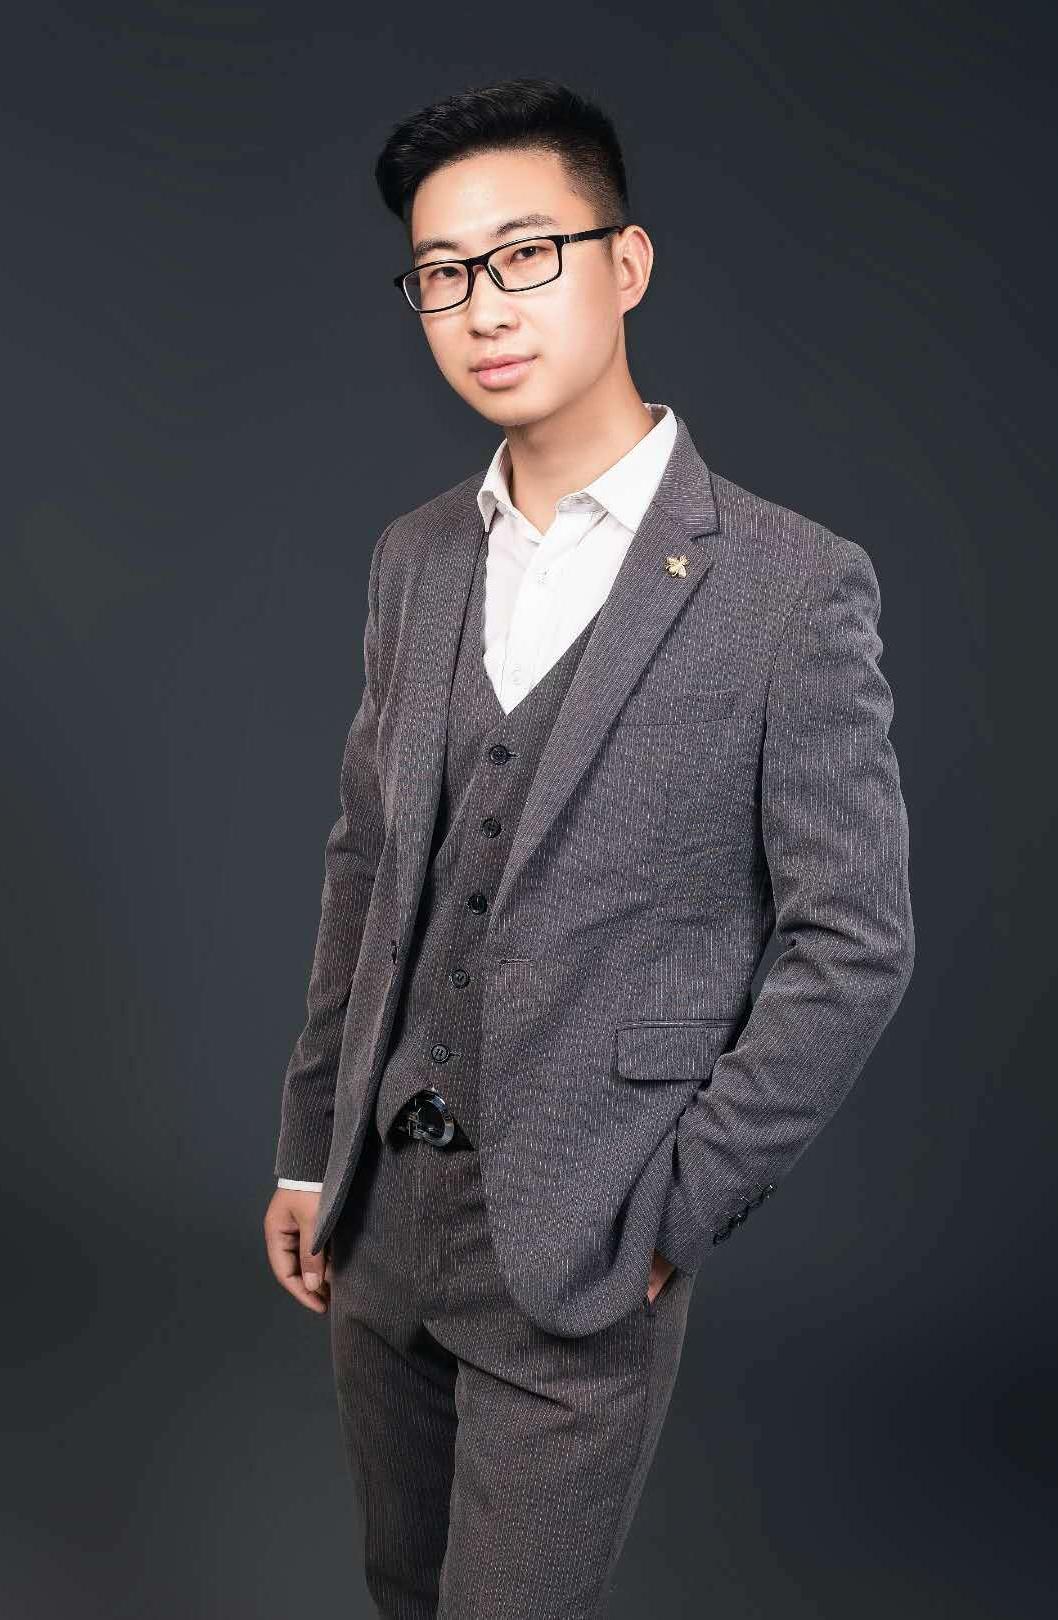 河南天鹅湖装饰设计师刘晓广